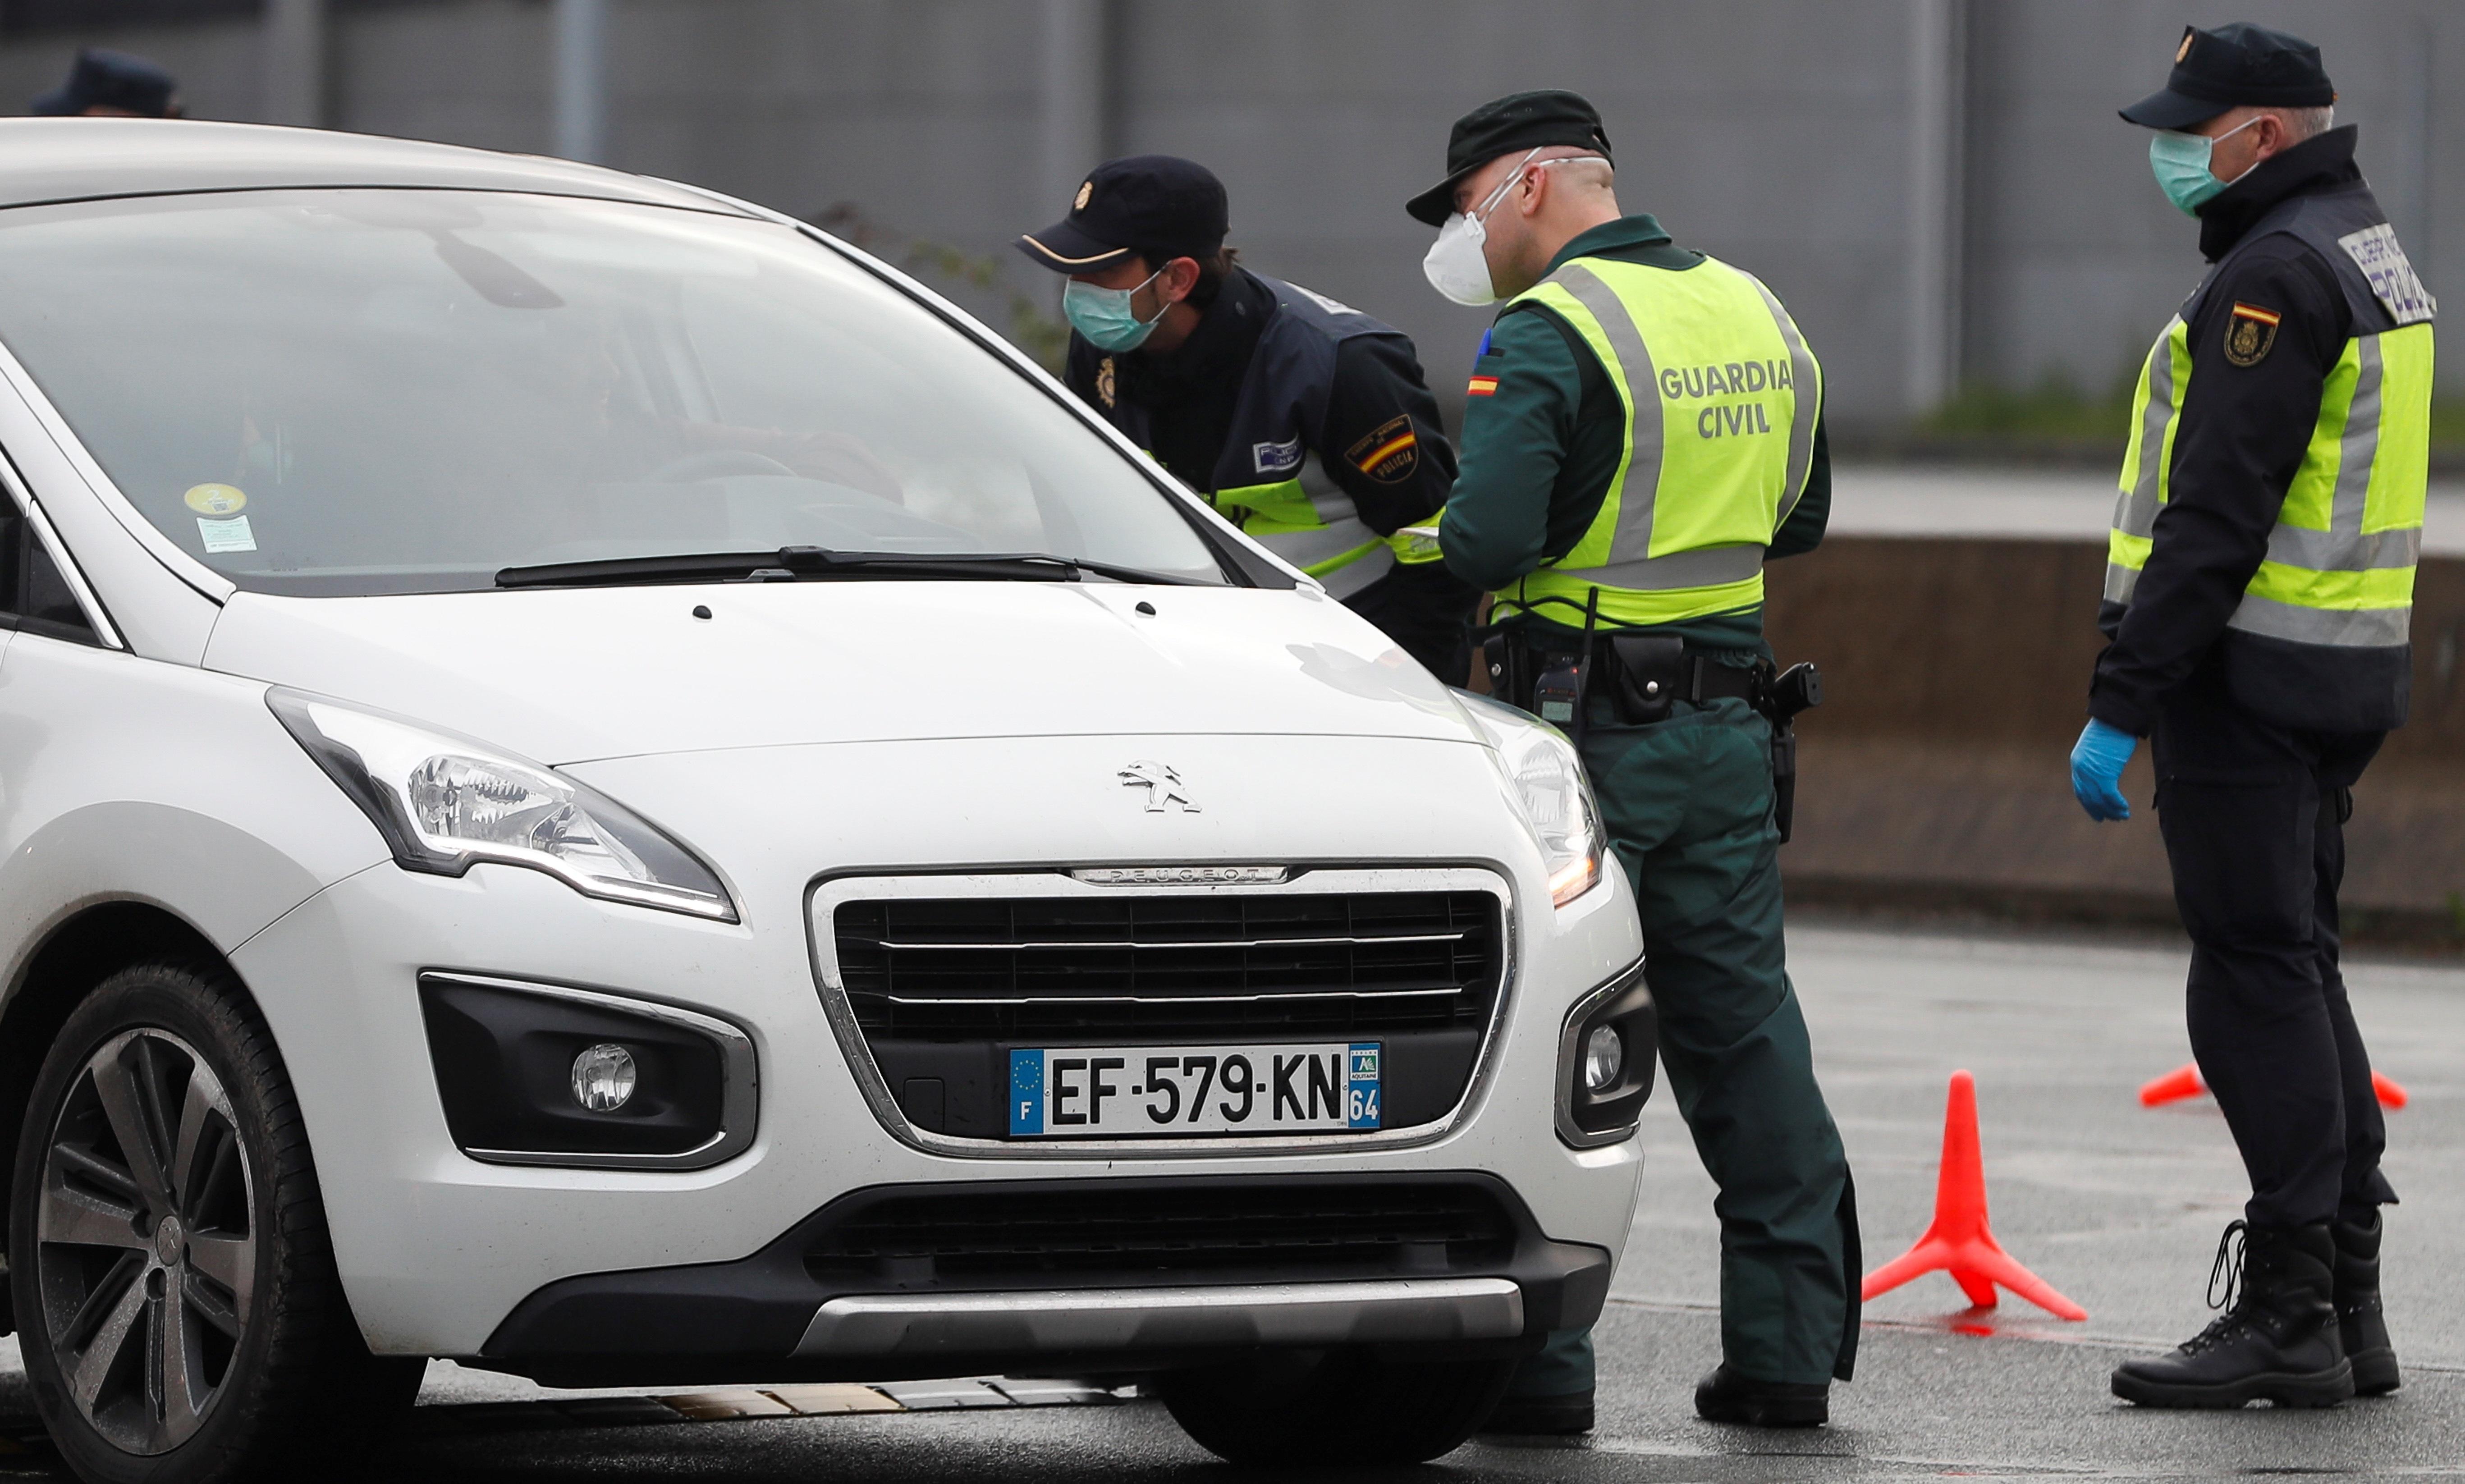 España en alerta máxima y supera los 11 mil casos de